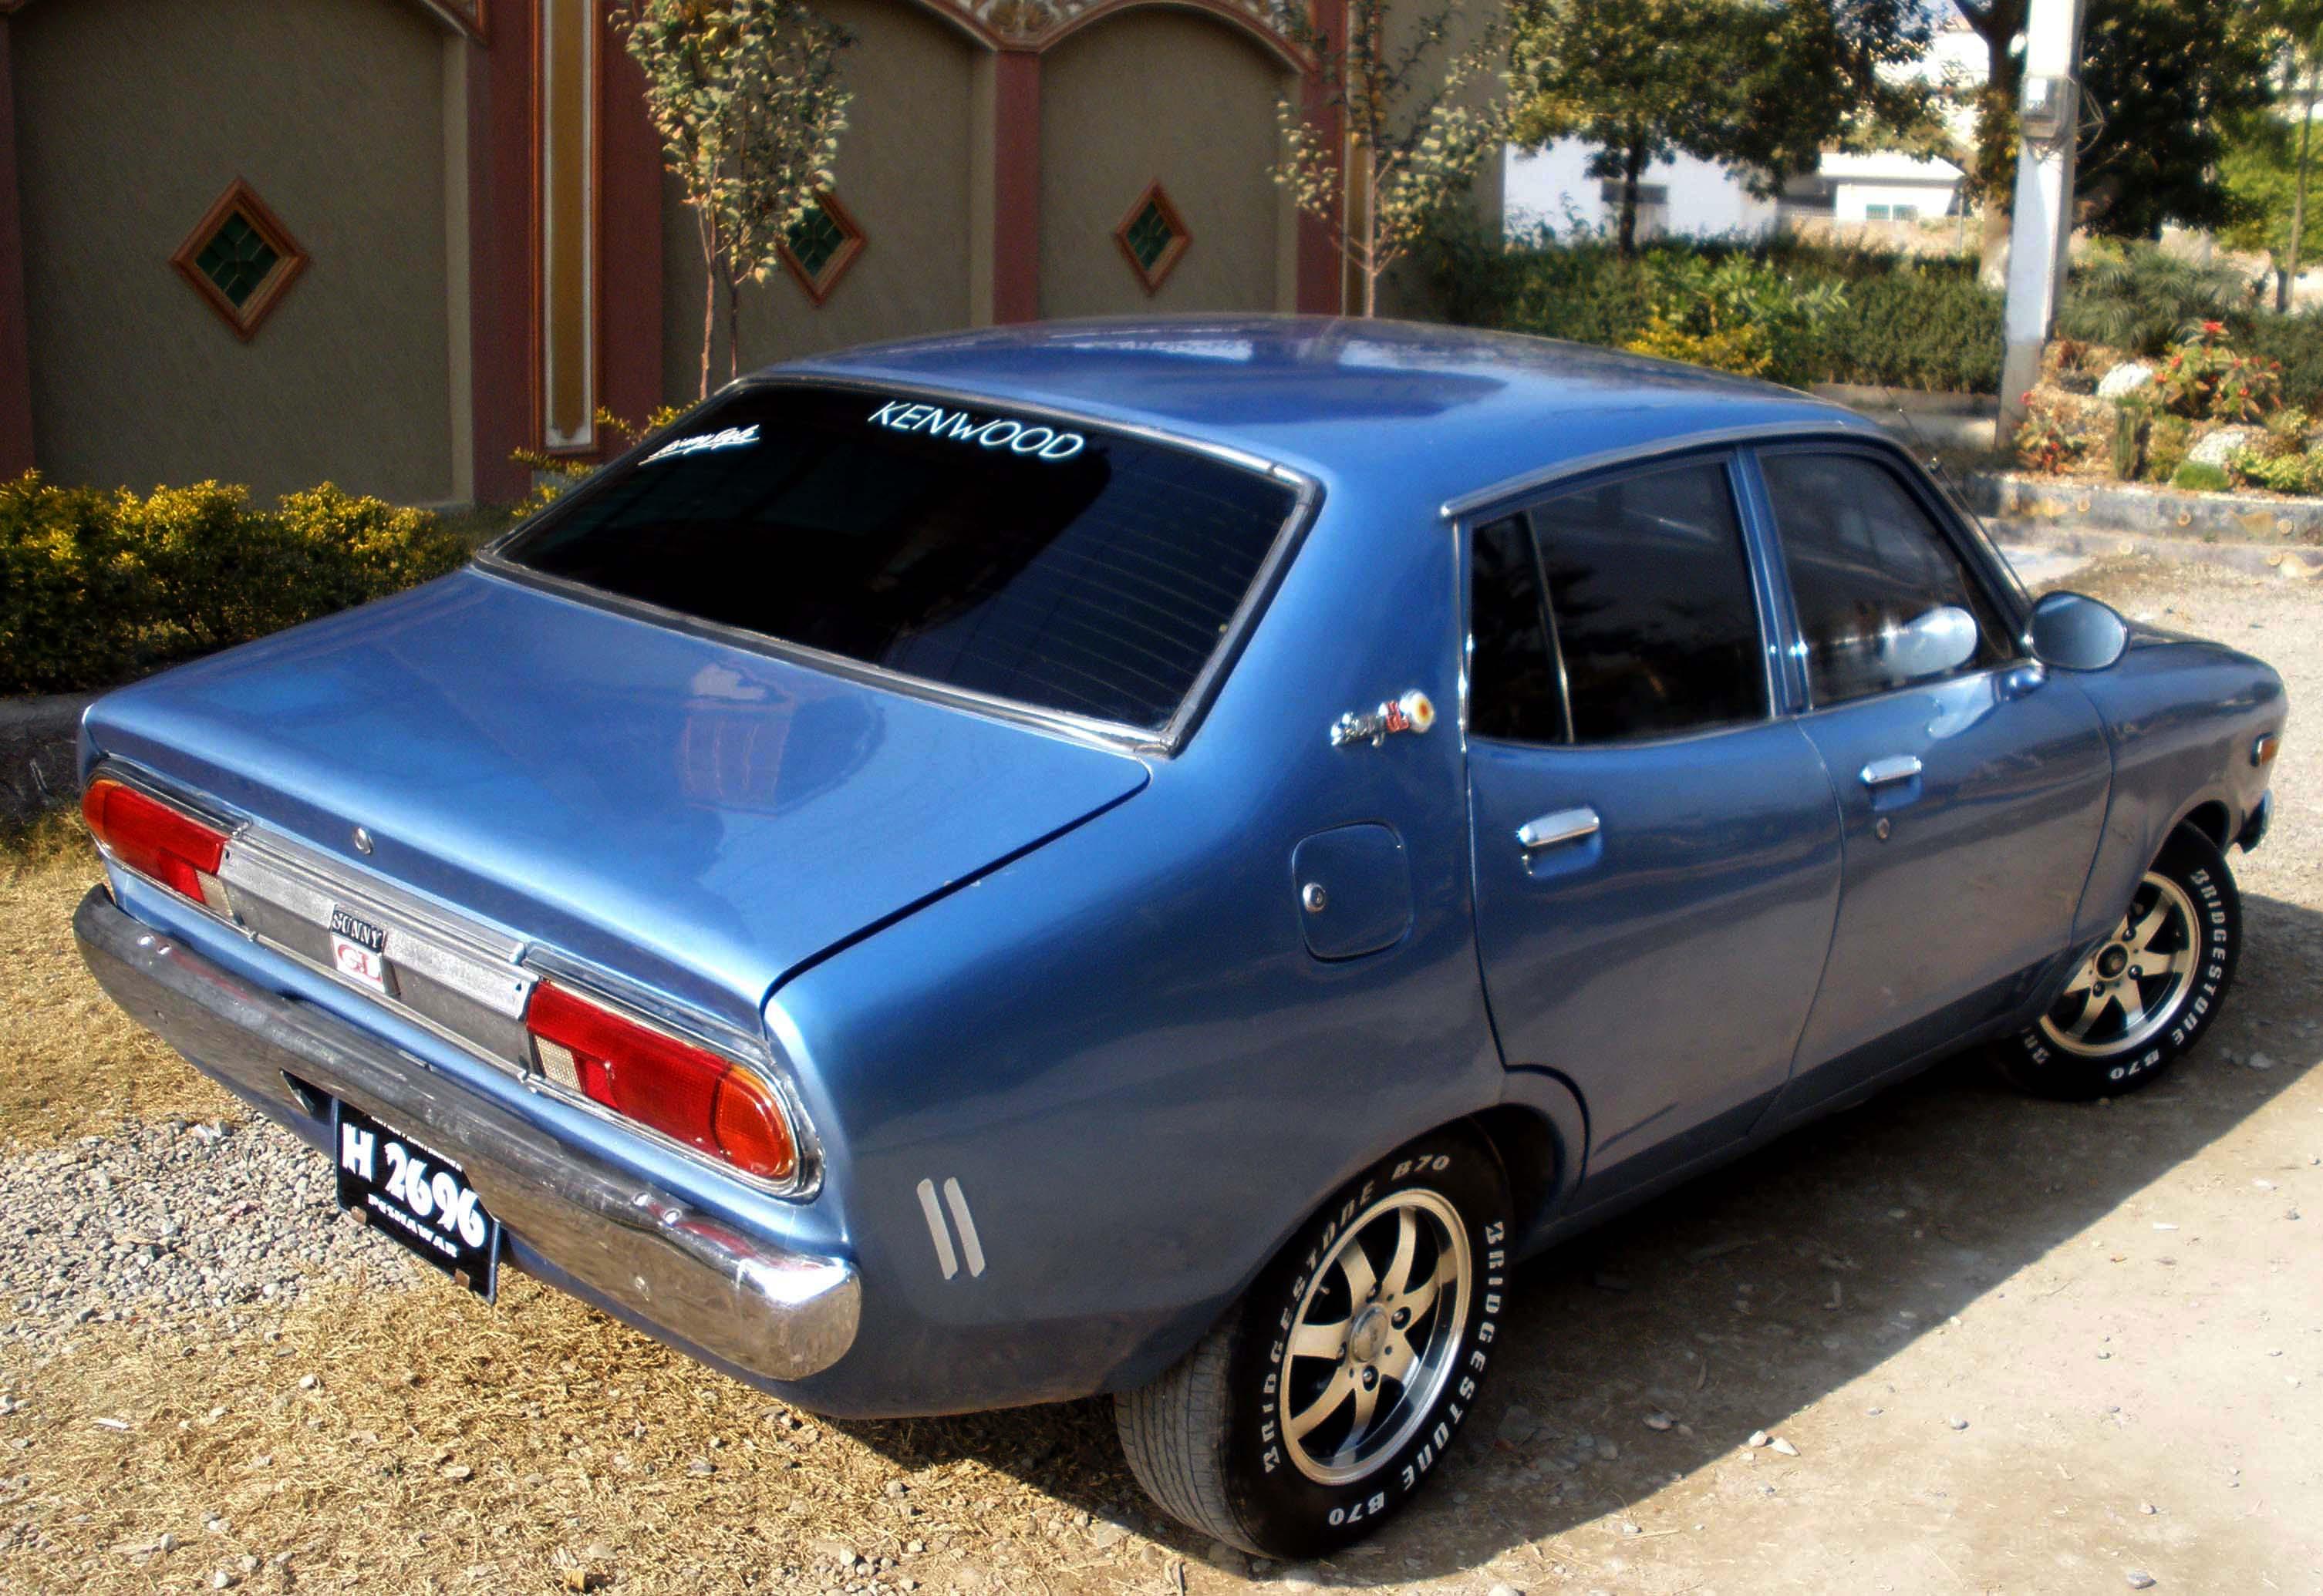 Type Of Car Oil >> Nissan Datsun 120 Y 1.2 (B210) (52 Hp)